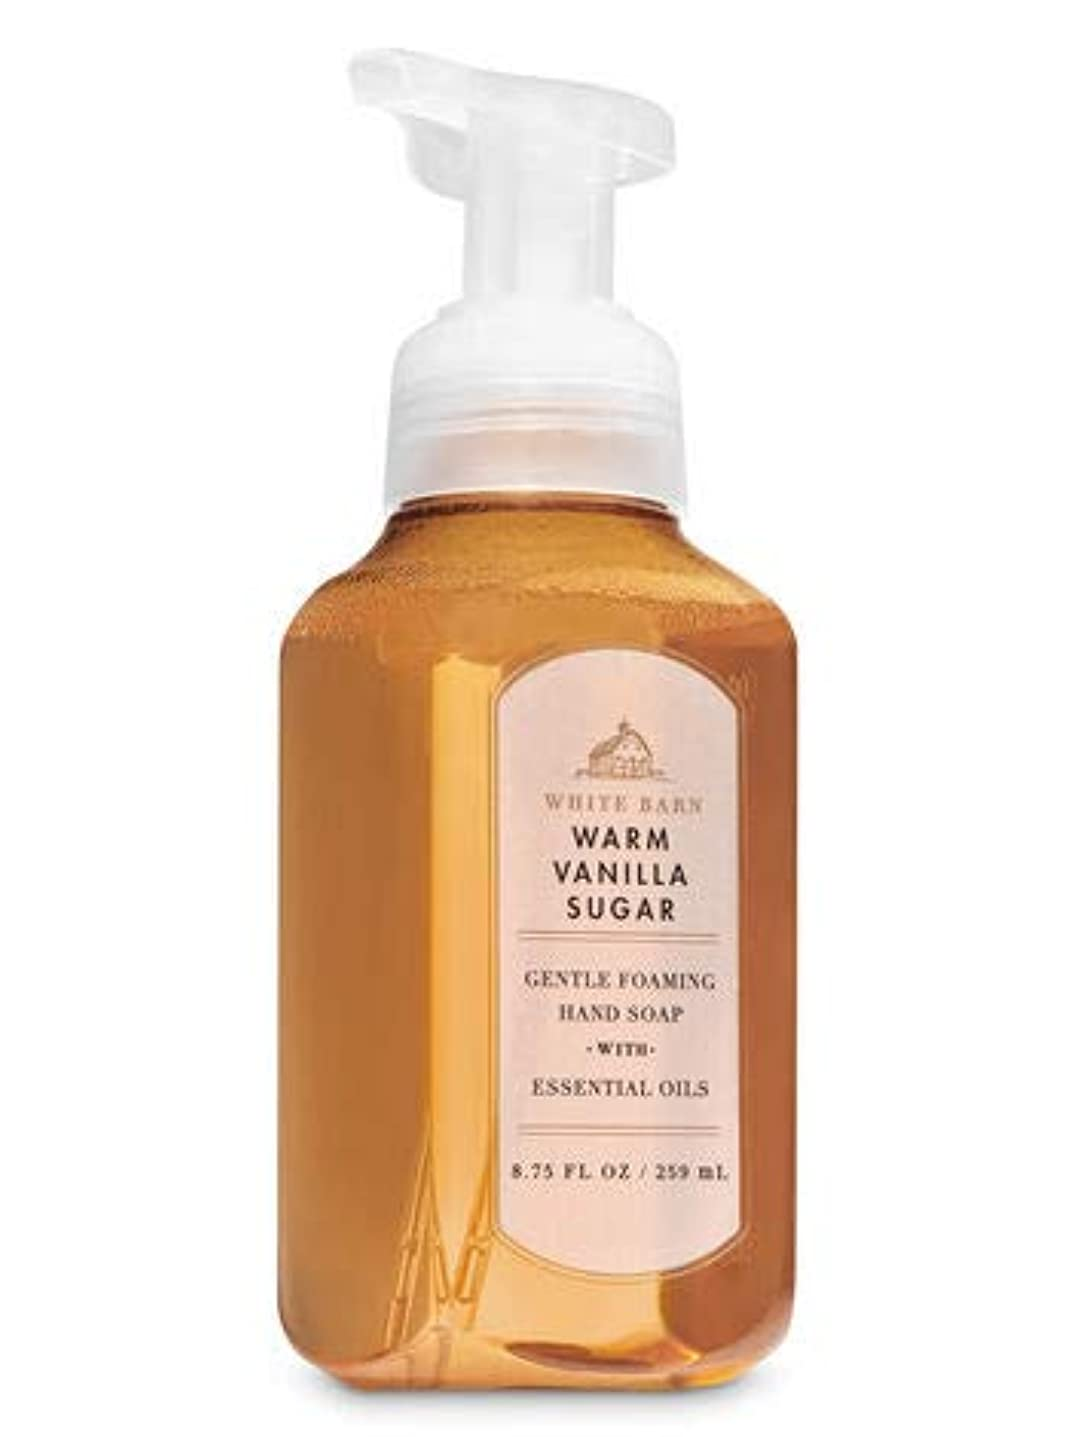 中国予約電気的バス&ボディワークス ウォームバニラシュガー ジェントル フォーミング ハンドソープ Warm Vanilla Sugar Gentle Foaming Hand Soap [並行輸入品]